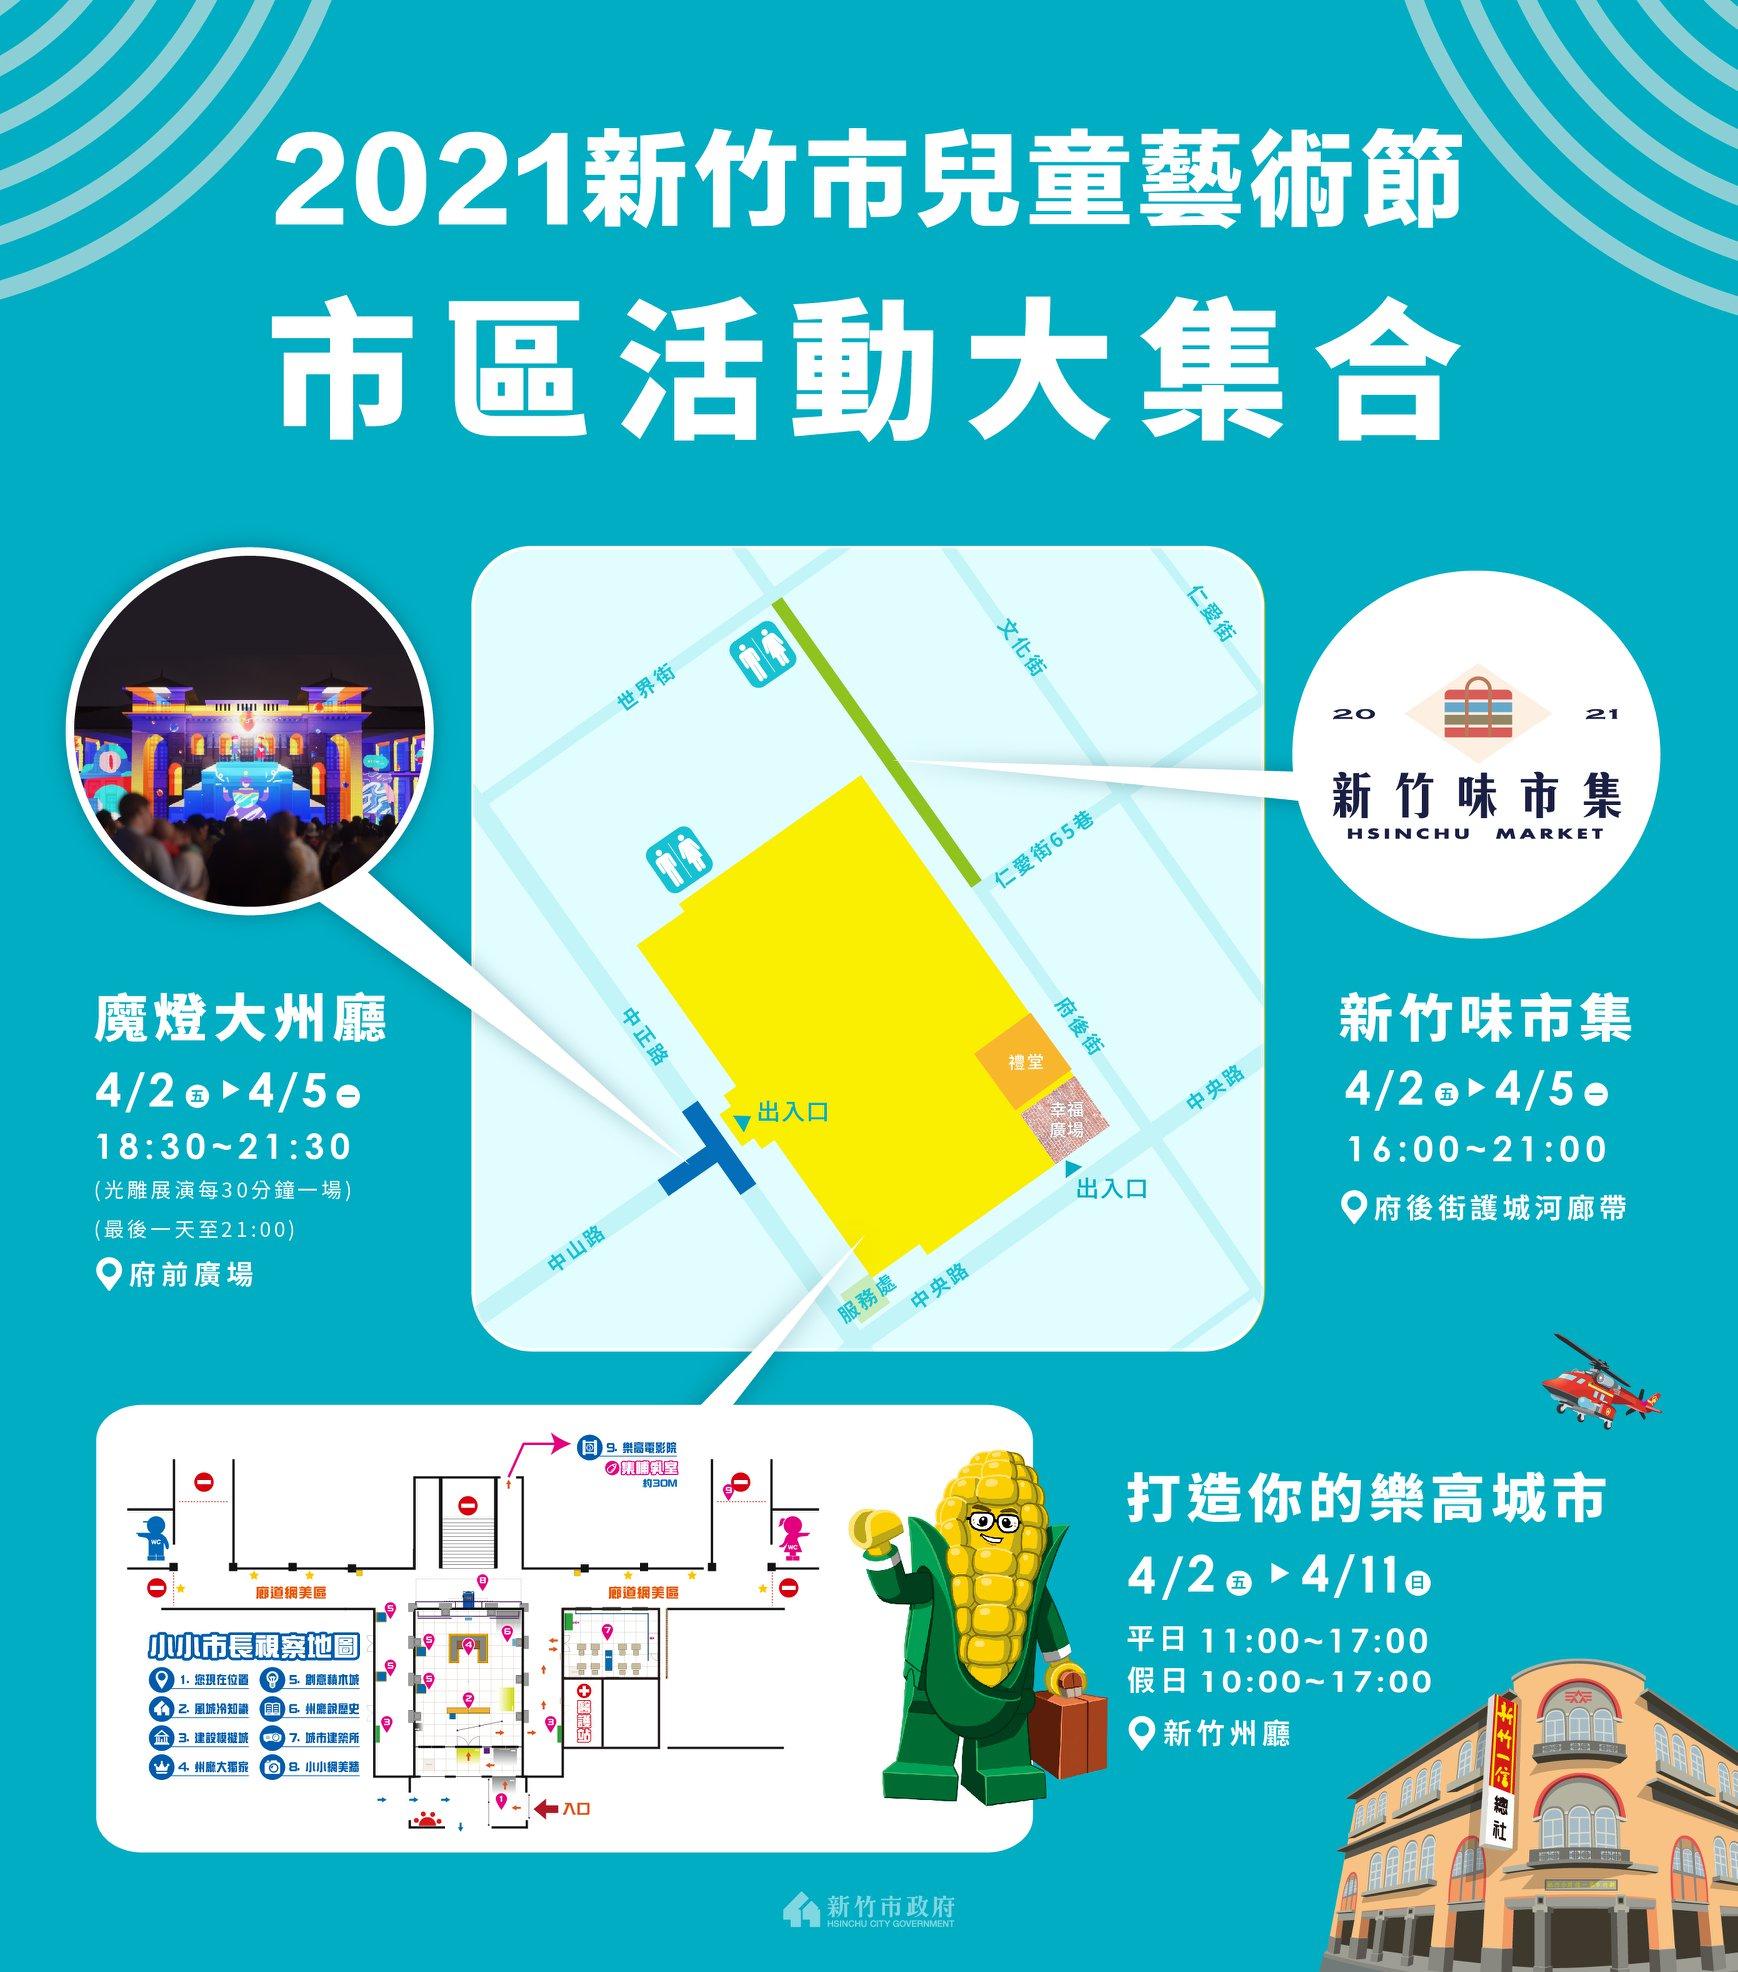 風的運動場強勢回歸!2021新竹兒童藝術節左岸運動公園玩六大遊具,晚上看光雕投影